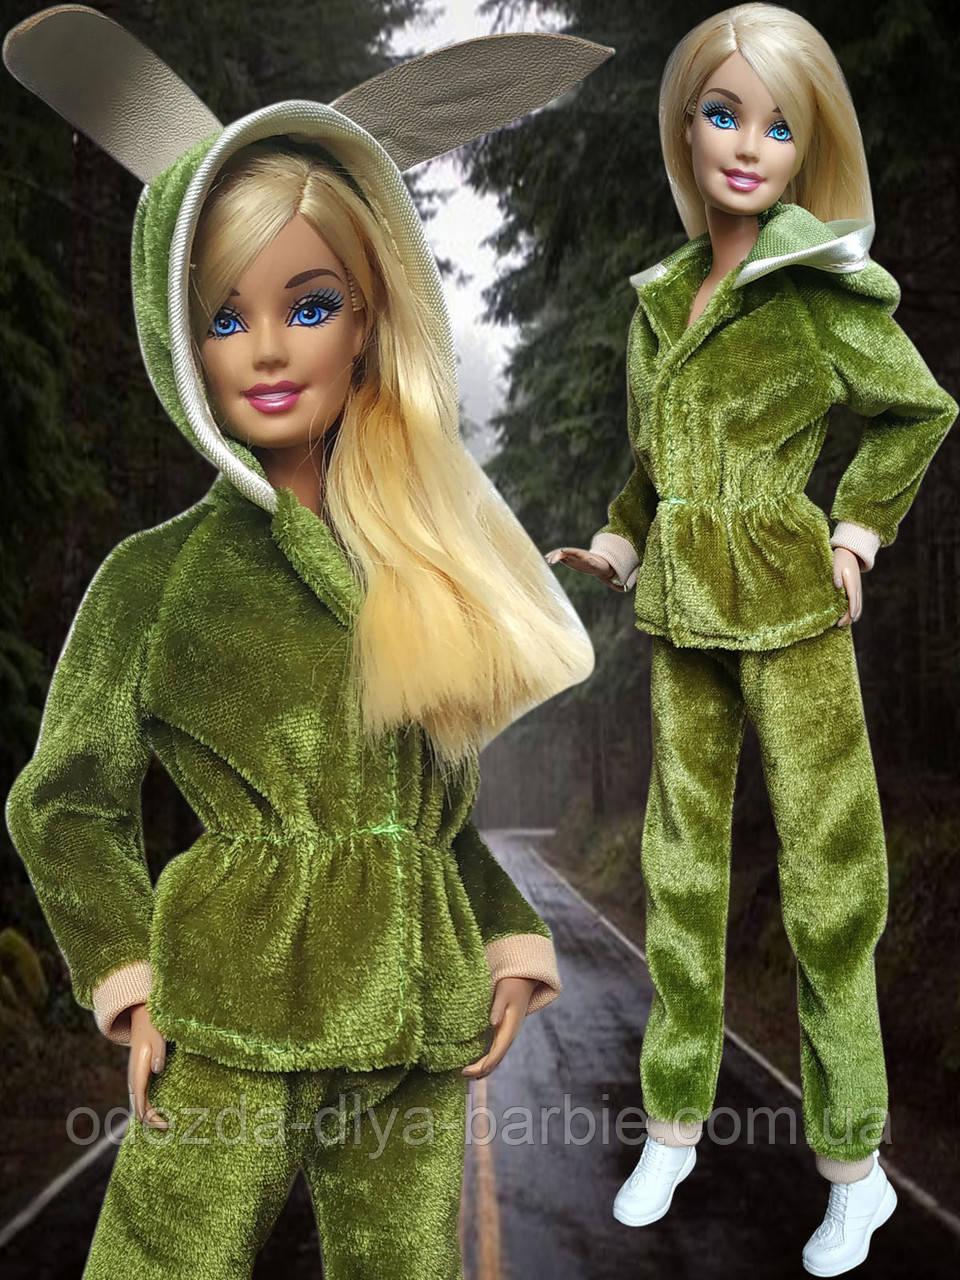 Одежда для кукол Барби - спортивный костюм